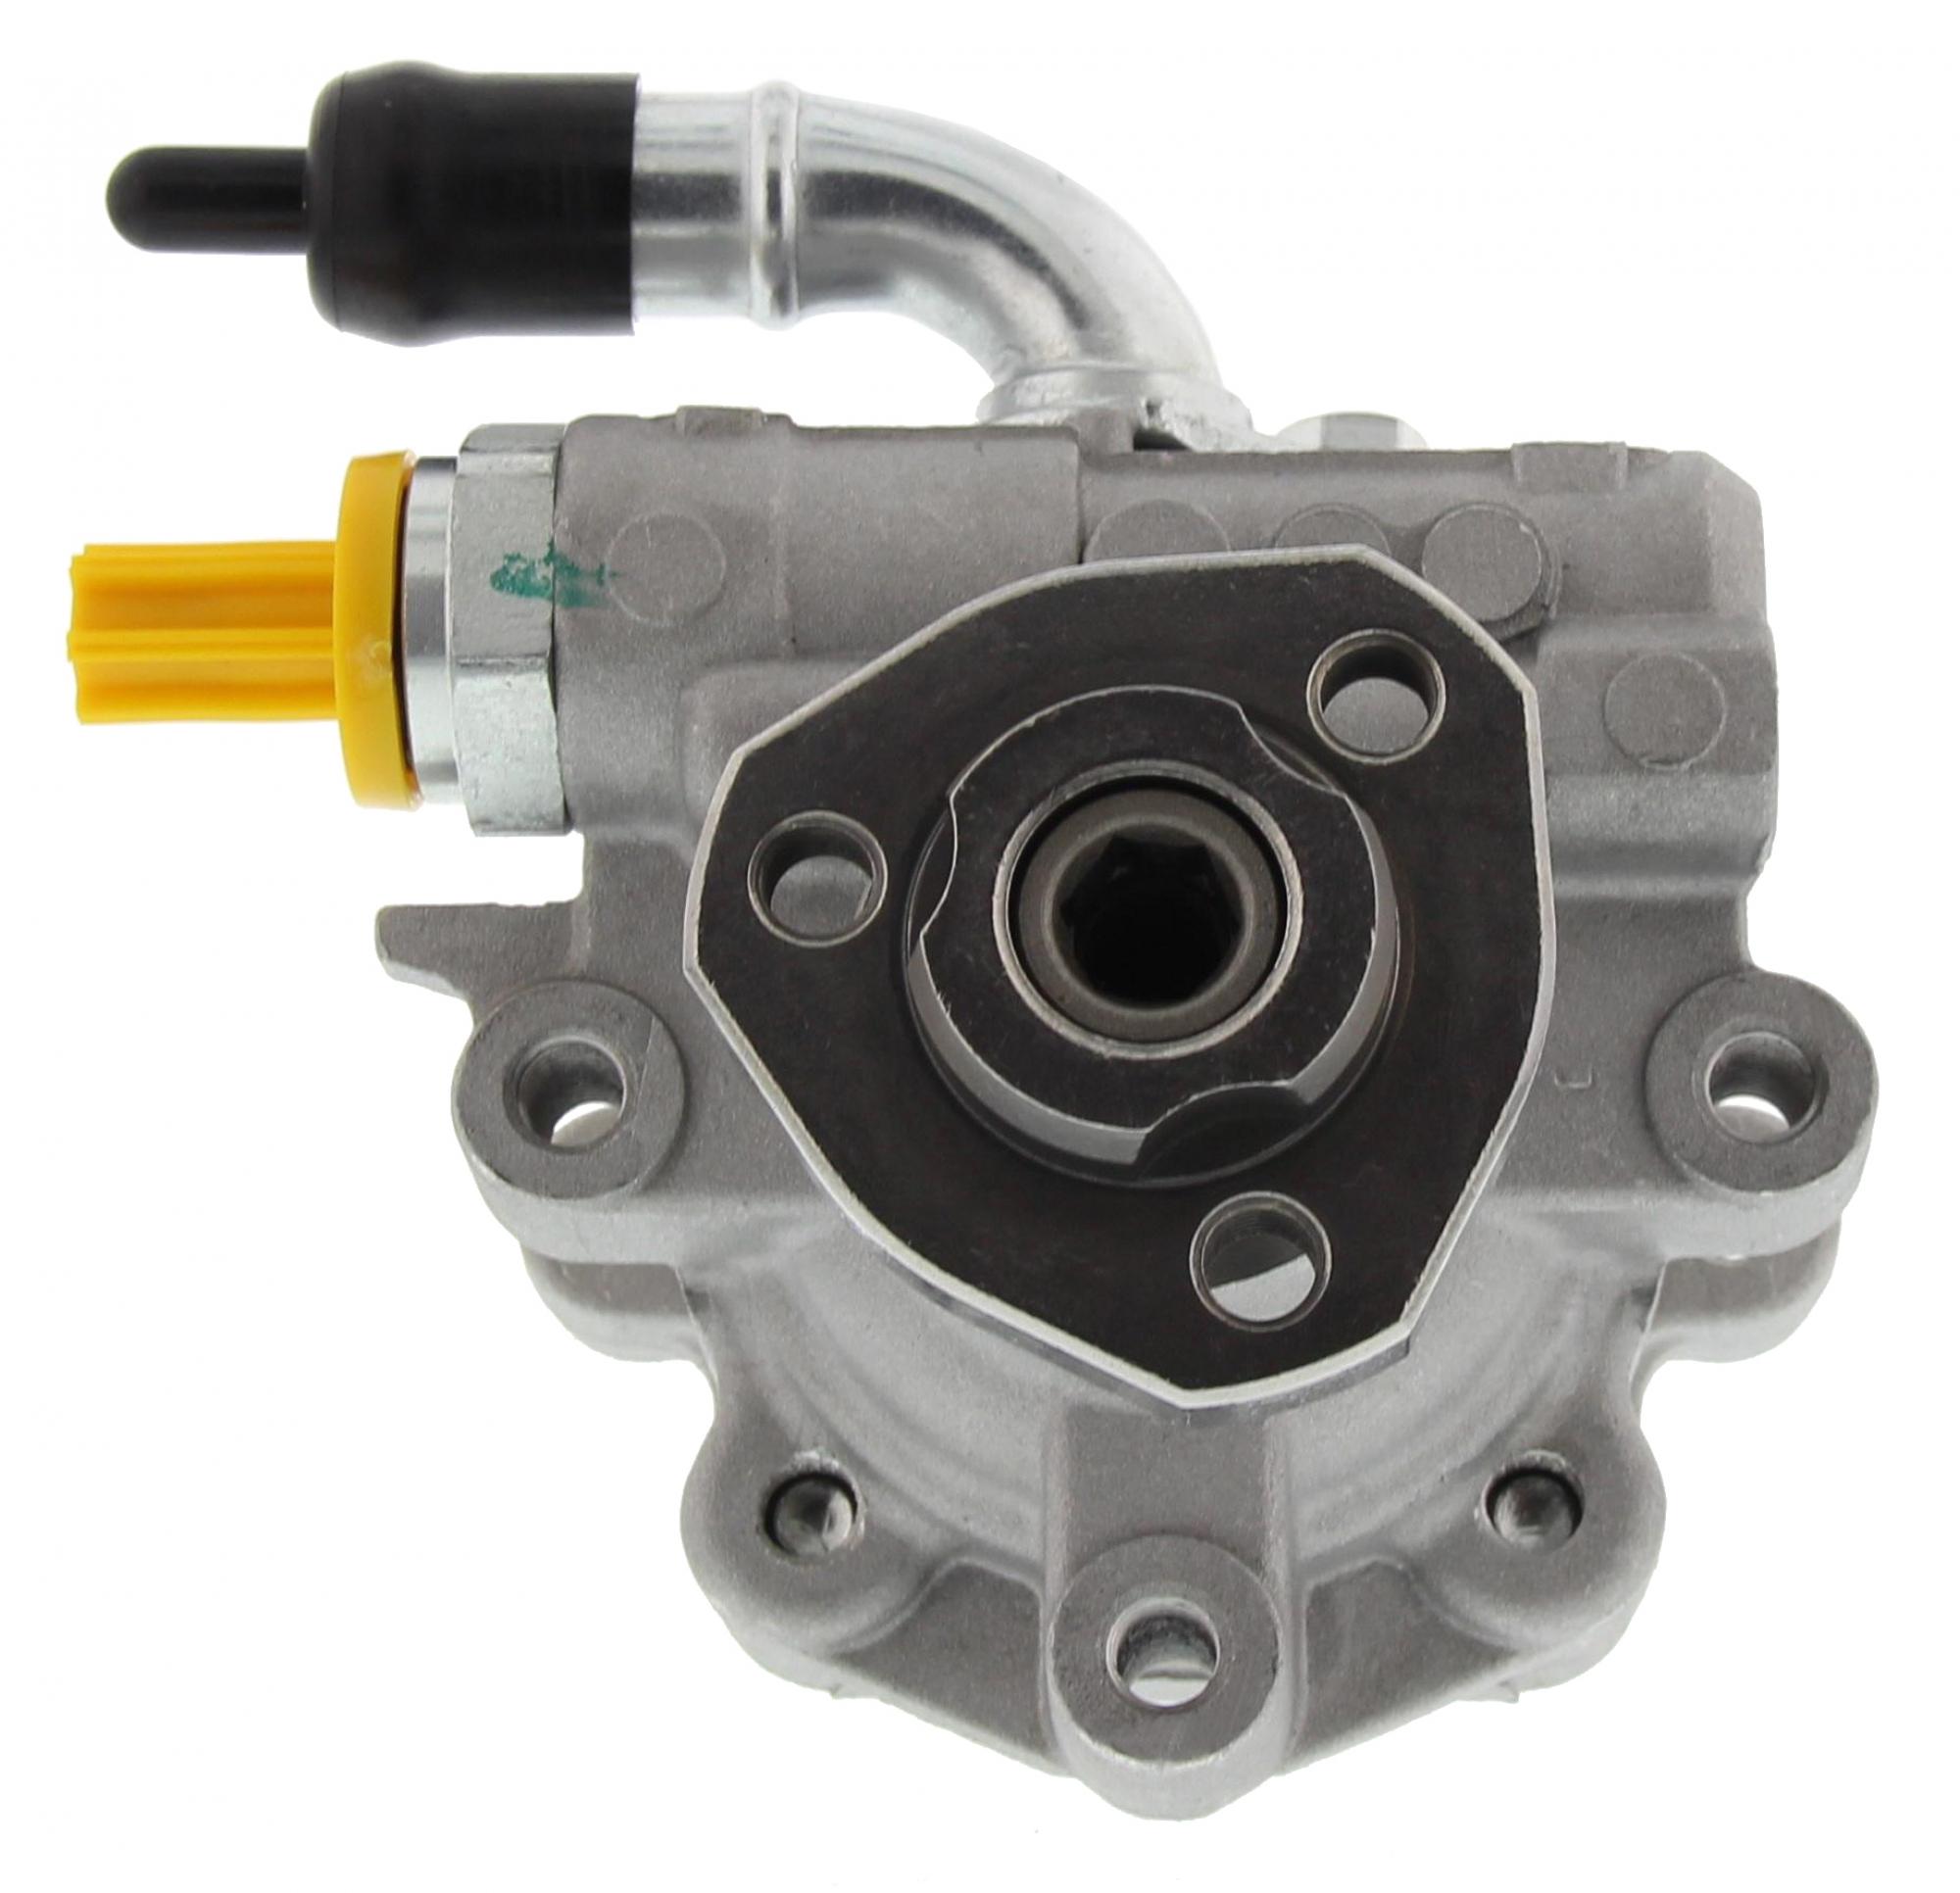 Hydraulikpumpe Servopumpe Lenkung für VW Crafter Bus Kasten 2.0TDI